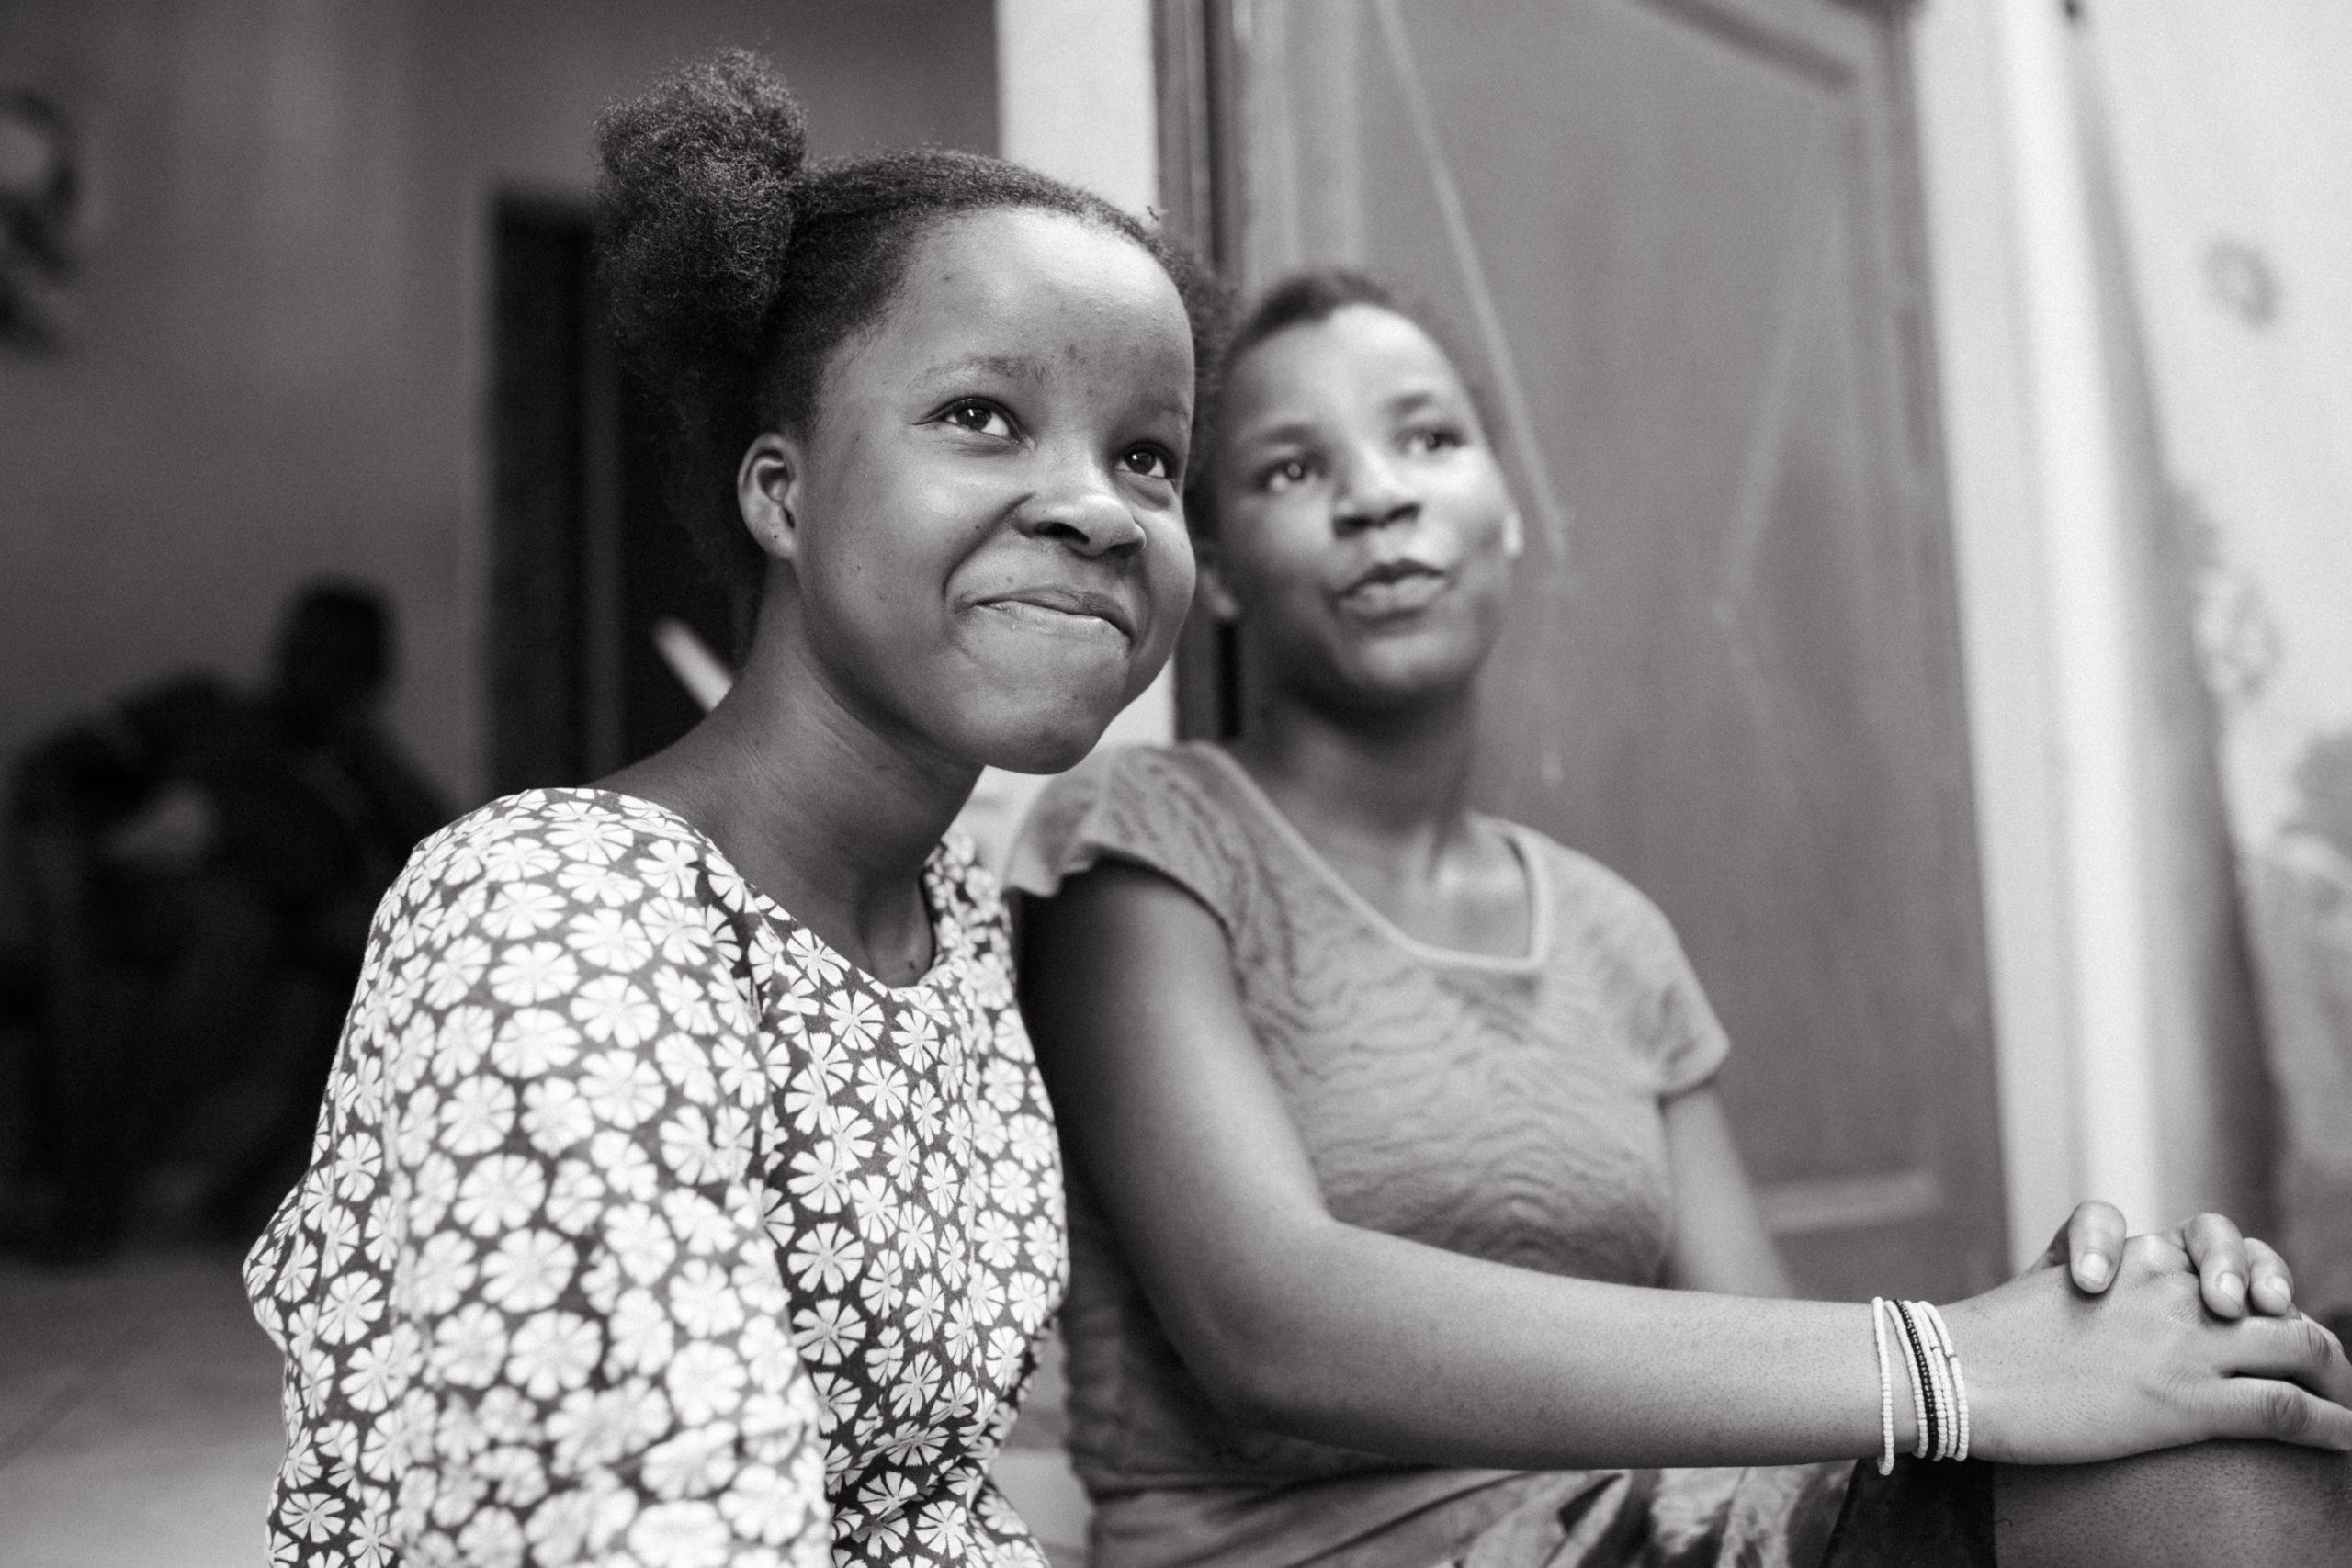 Haiti and International Humanitarian Photographer